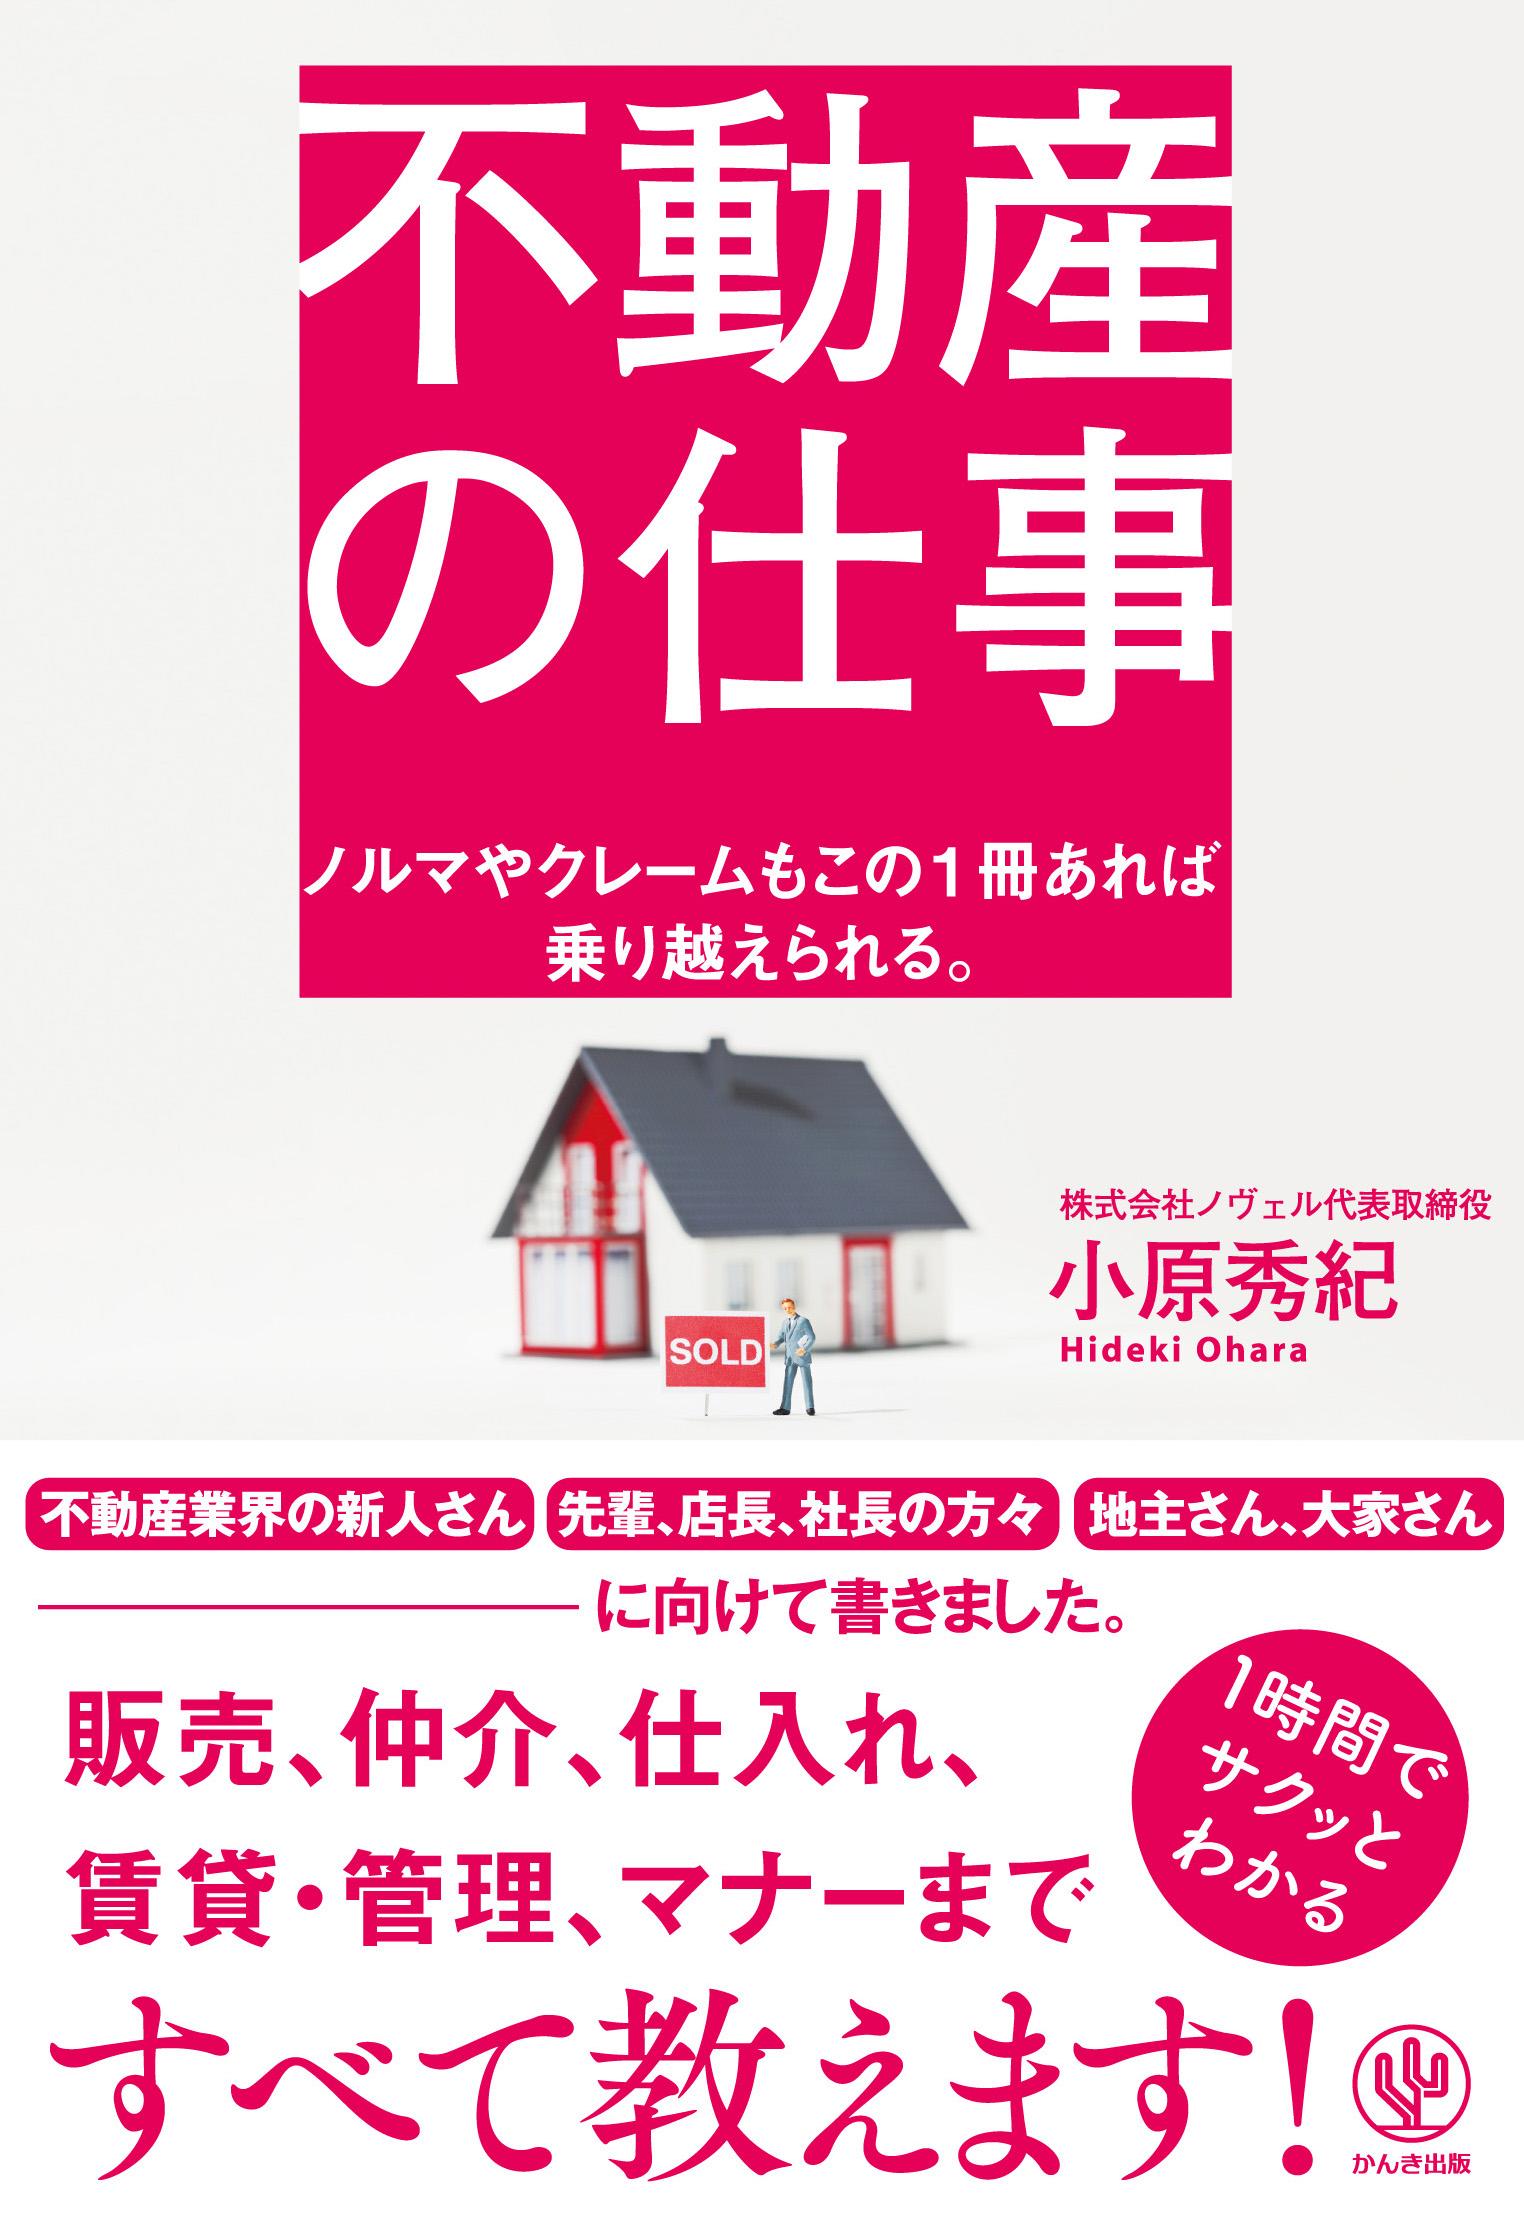 【不動産の仕事】3月9日より発売開始!